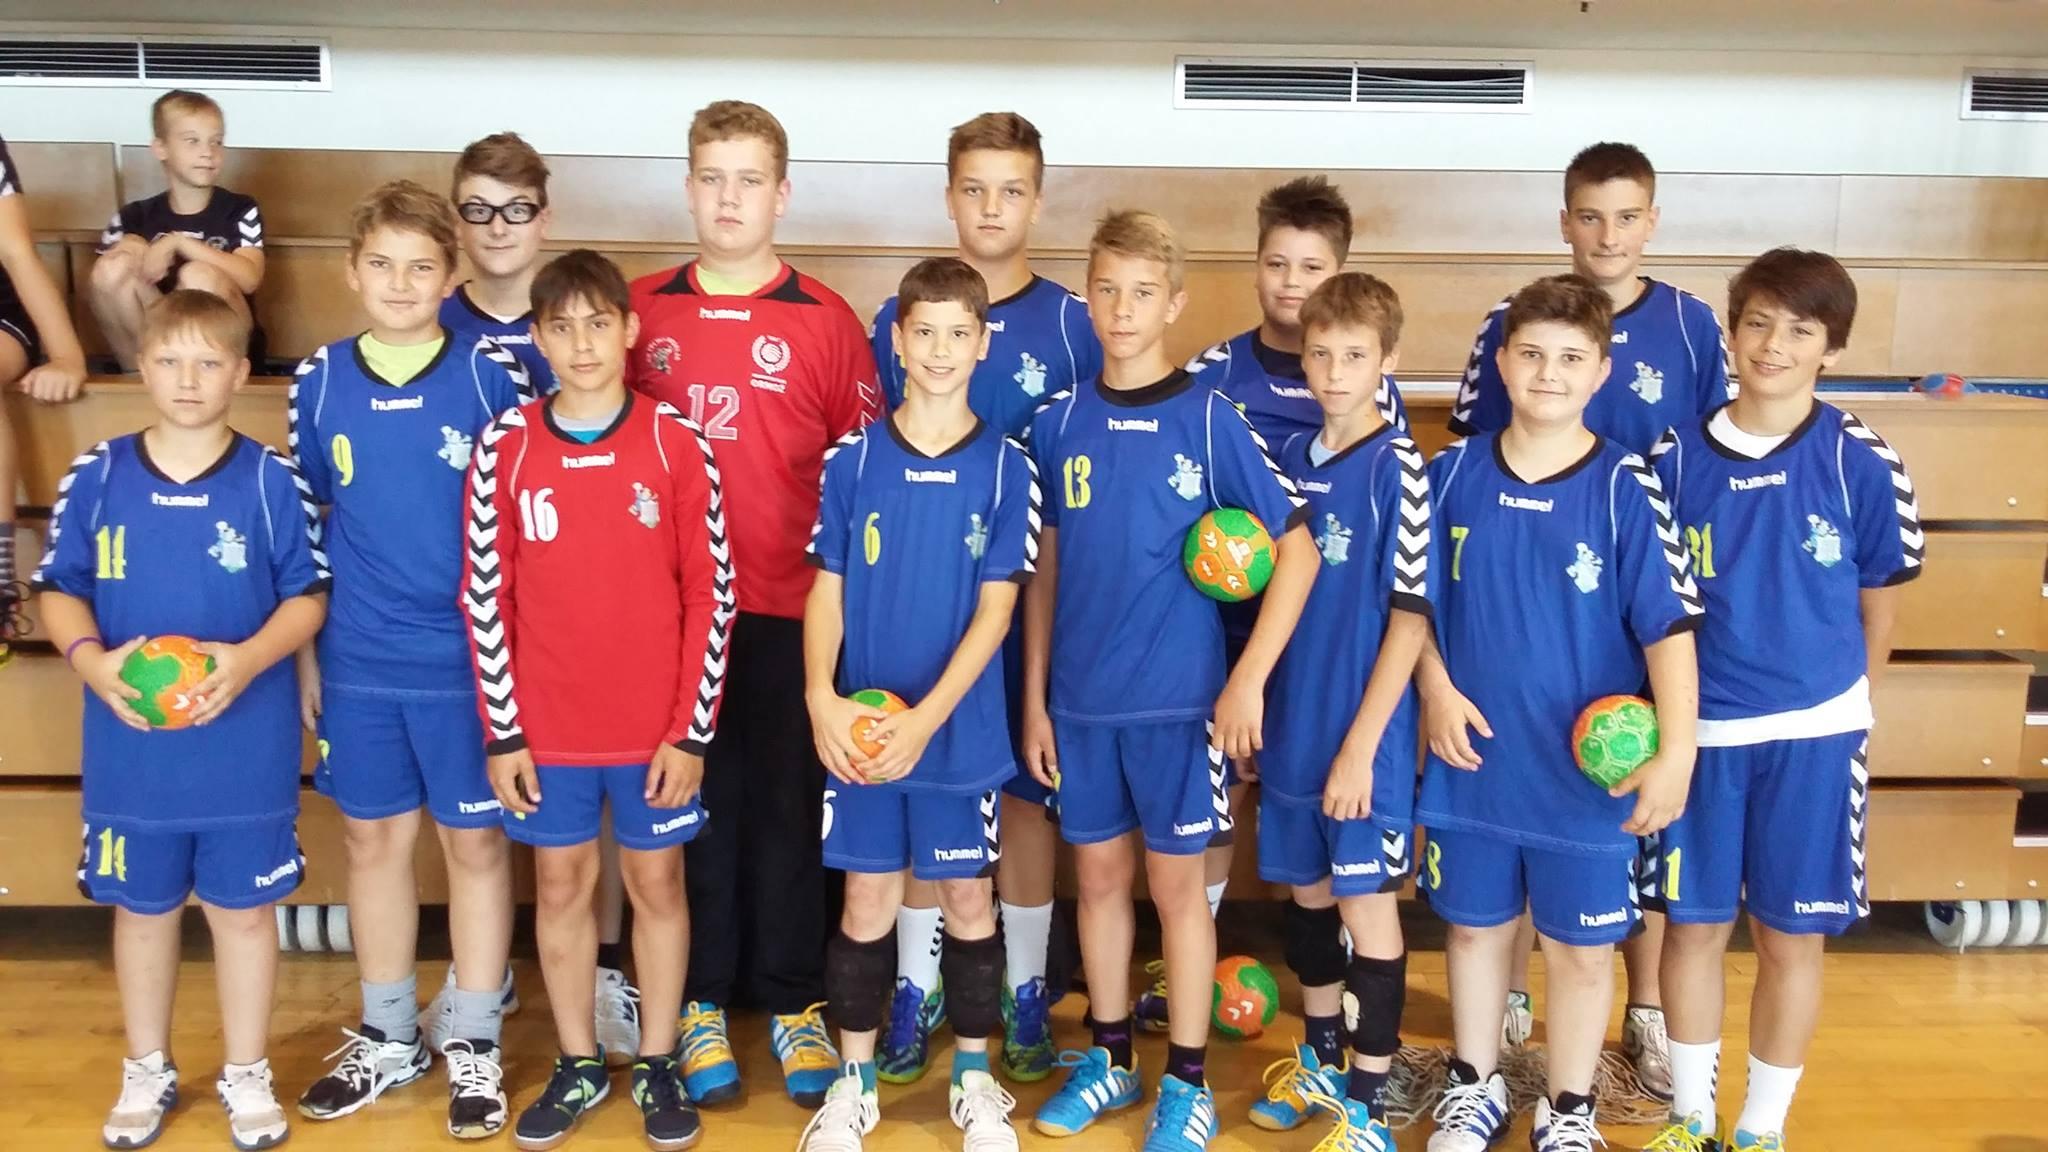 ROKOMET, mlajše selekcije: Dve ekipi Združenih odhajata na EUROFEST 2015, ki bo letos potekal v Kopru